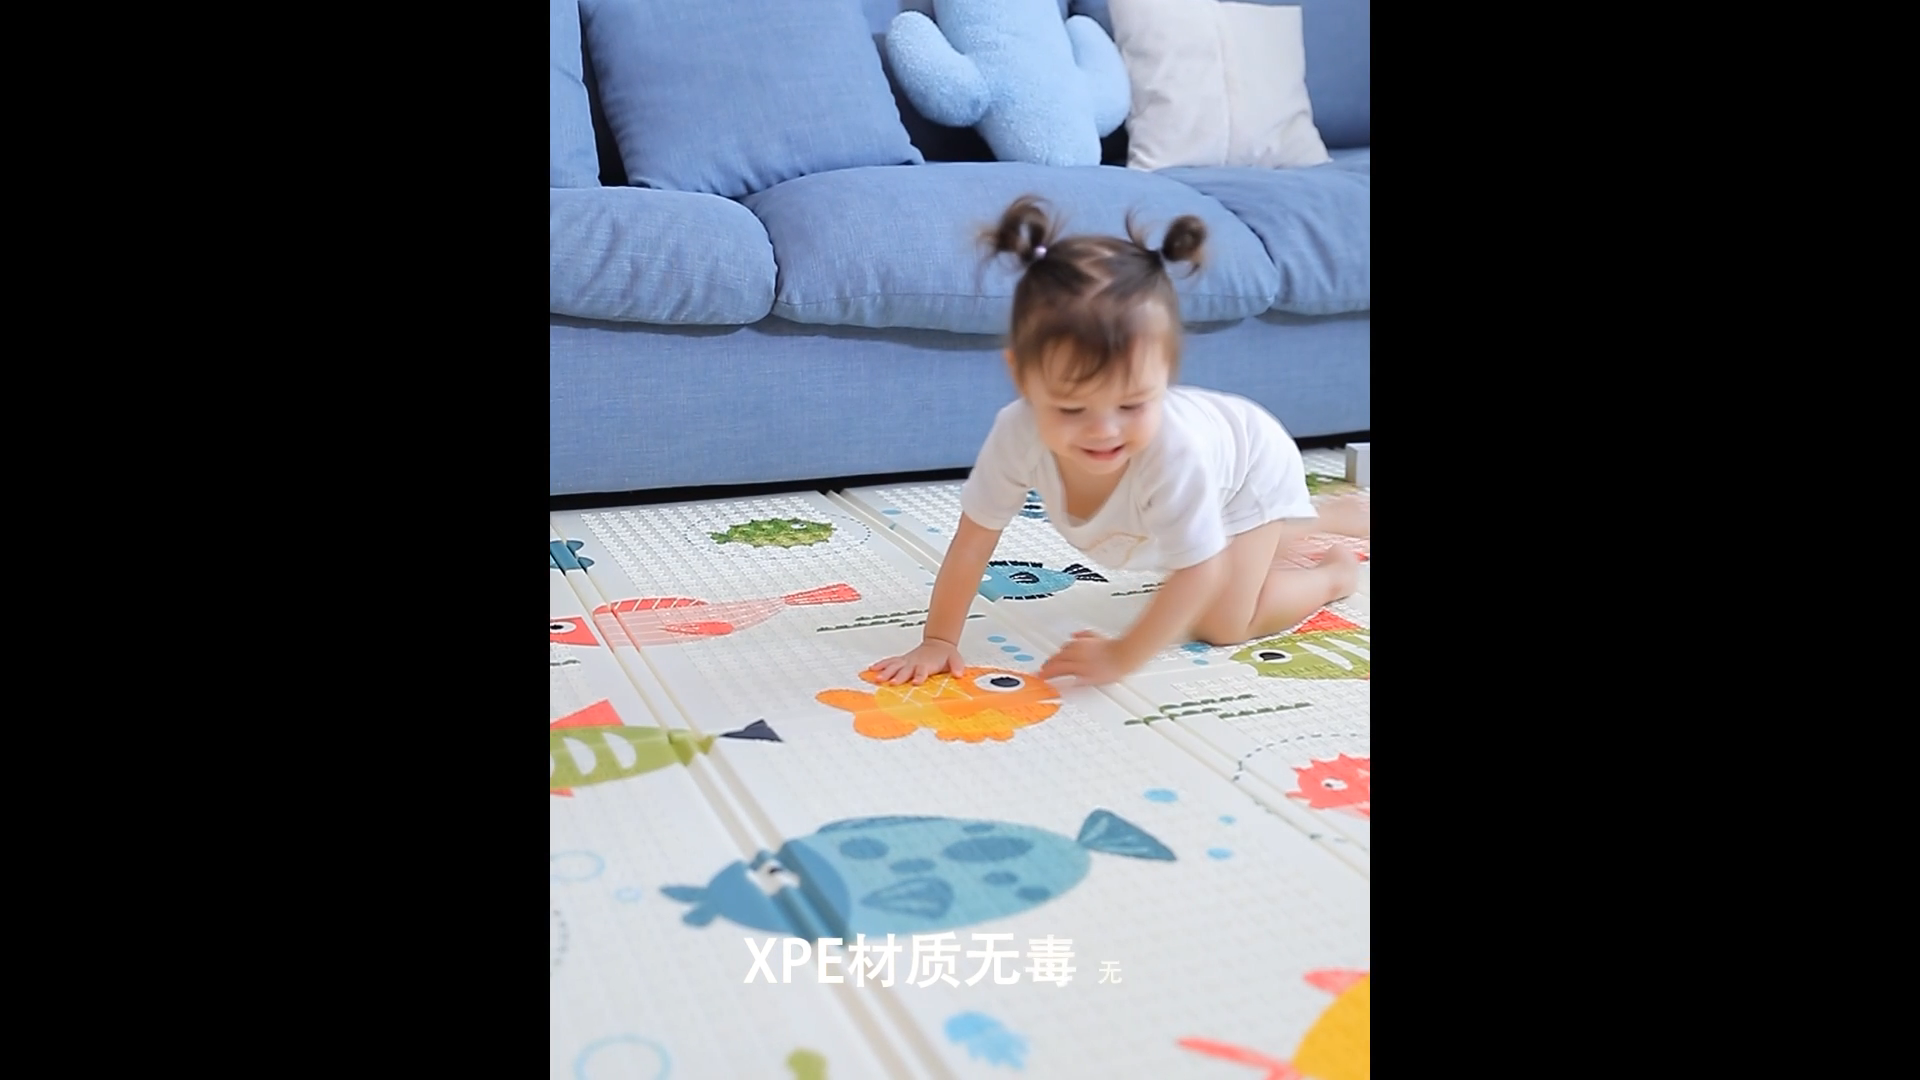 2020 kaliteli XPE malzeme yumuşak zemin köpük yumuşak çocuk katlanabilir çocuklar bebek oyun matı bebek için